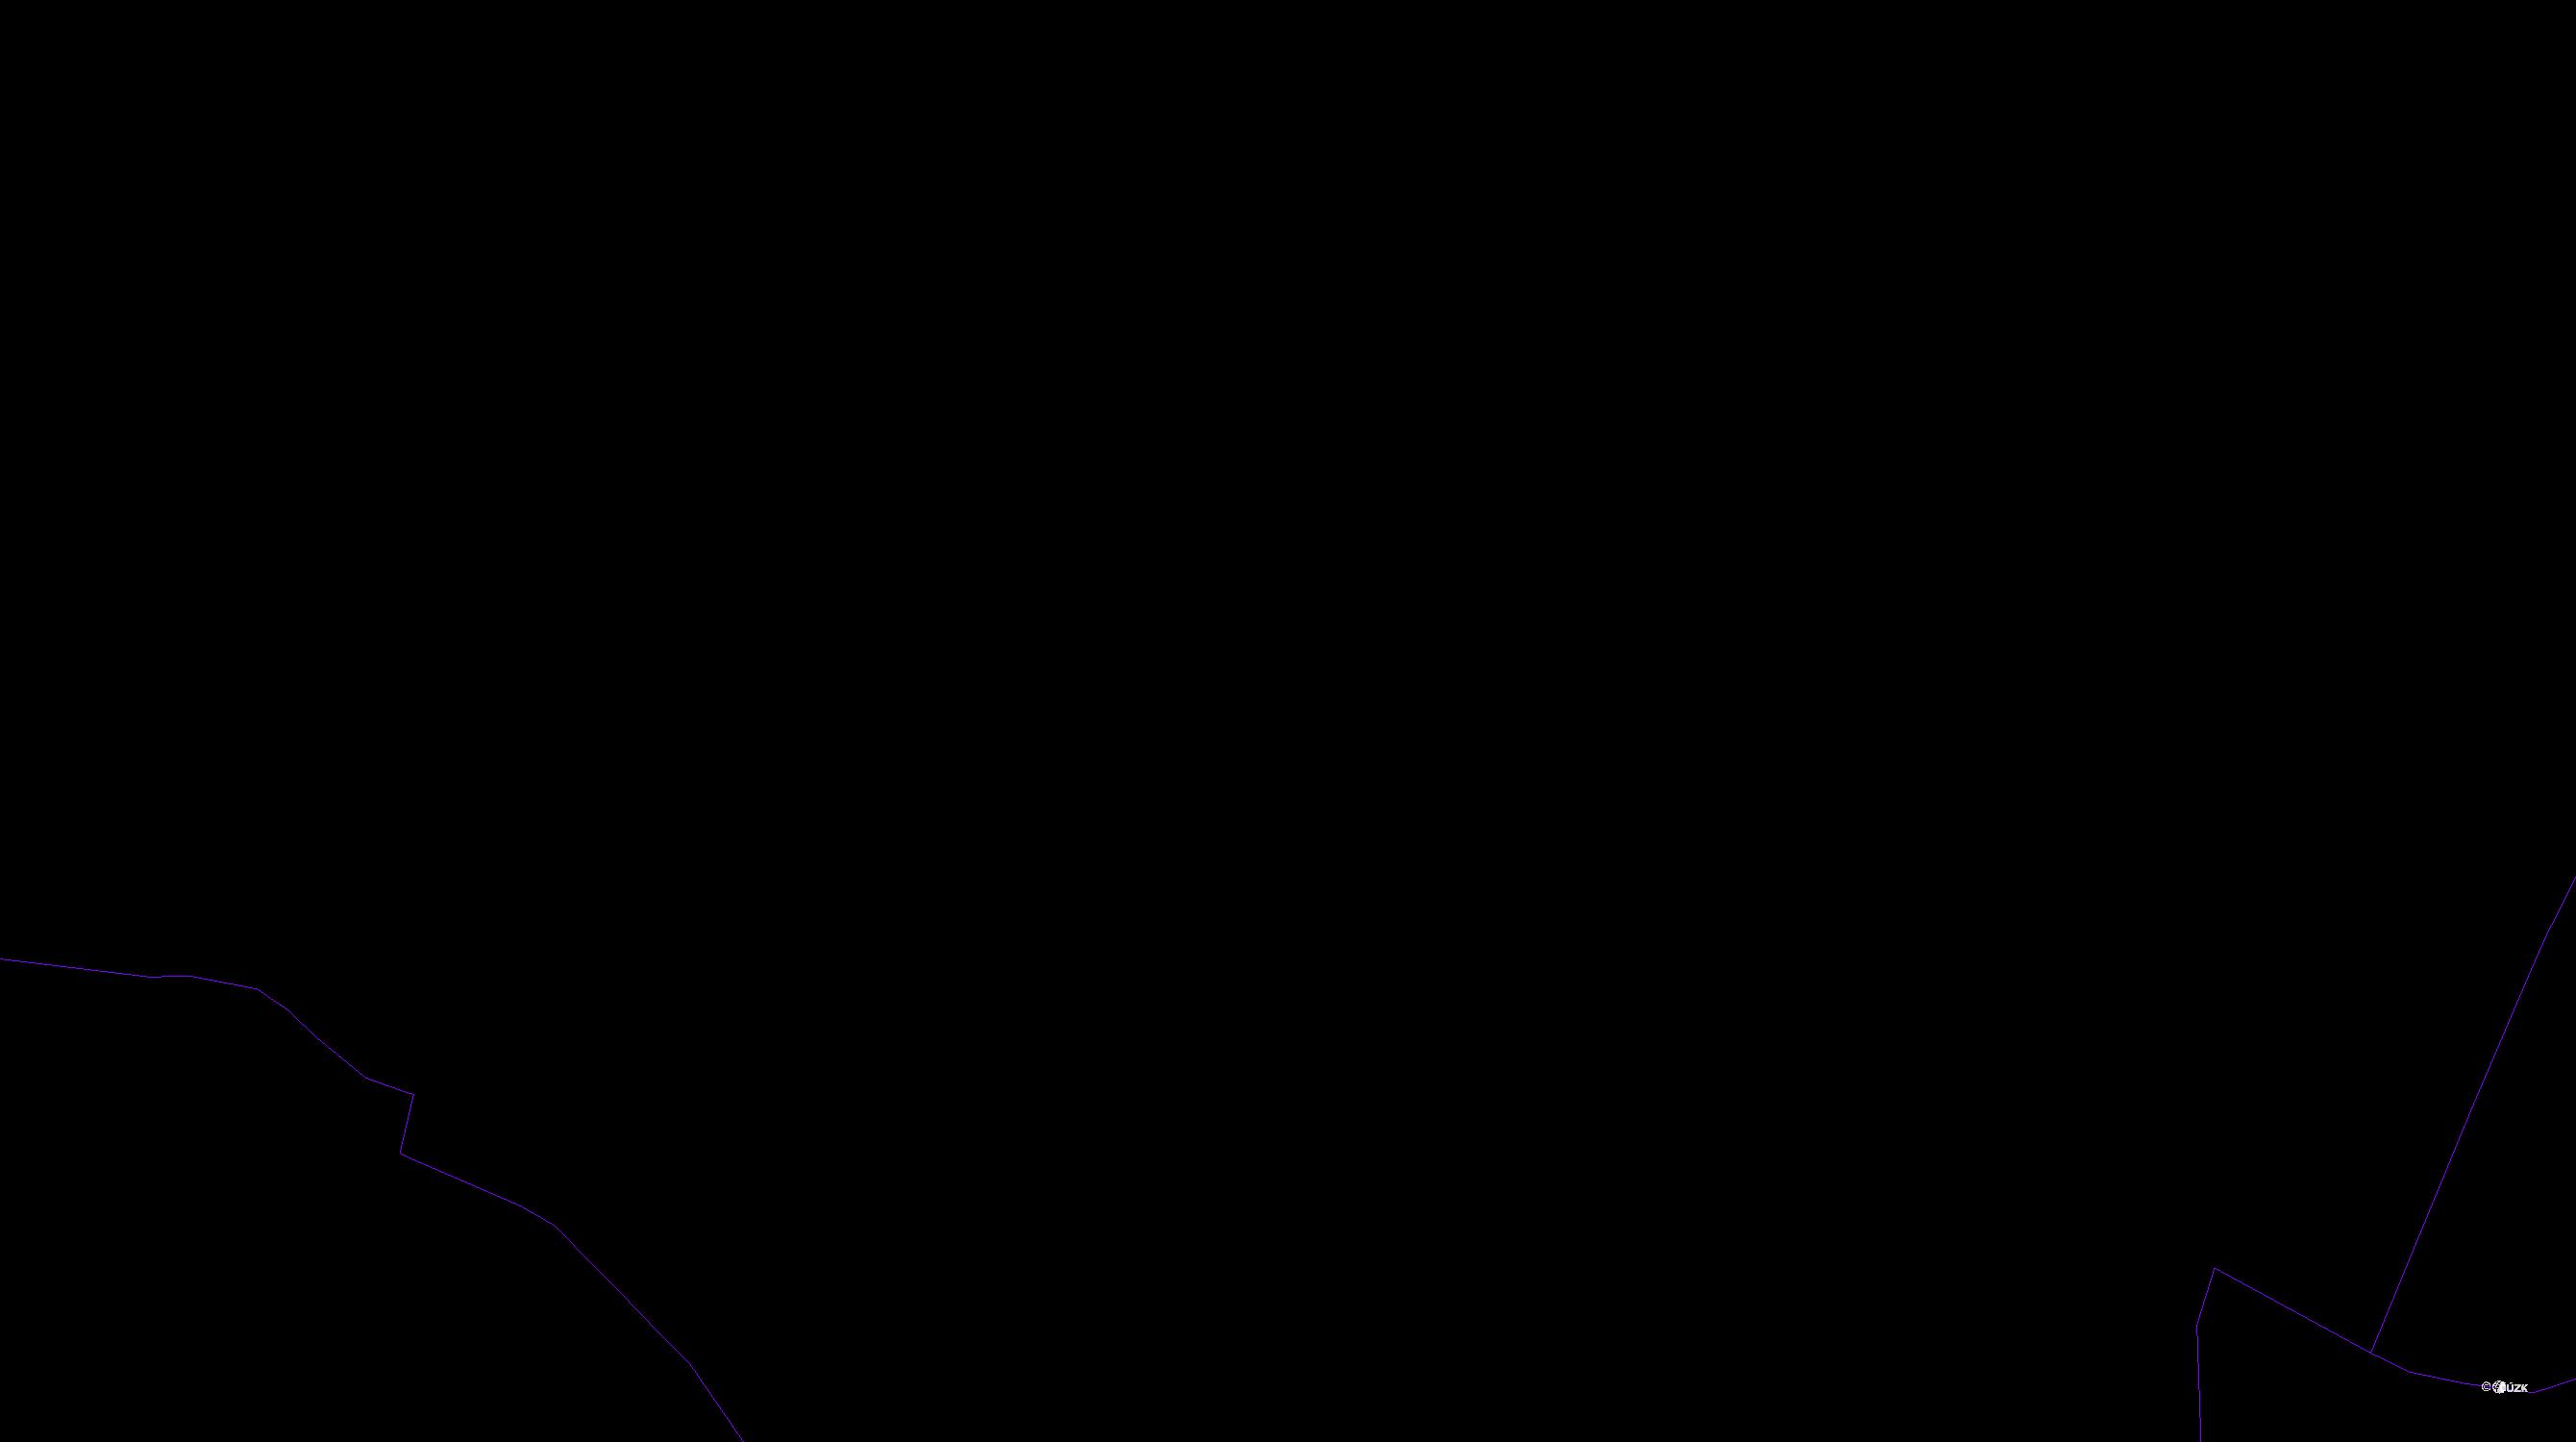 Katastrální mapa pozemků a čísla parcel Svatoslav nad Jihlavou